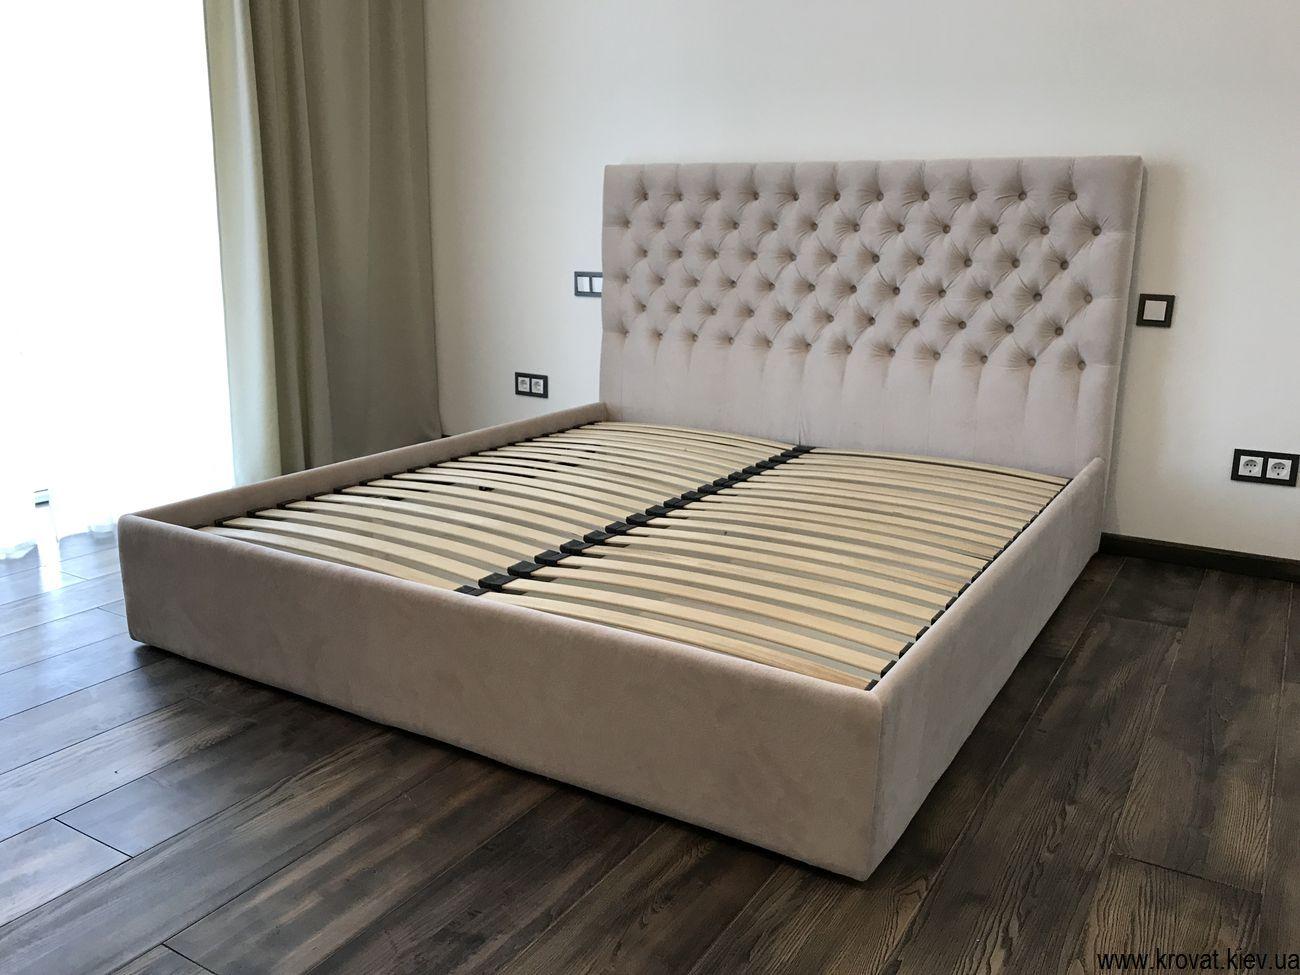 кровать в ткани пони бежевого цвета